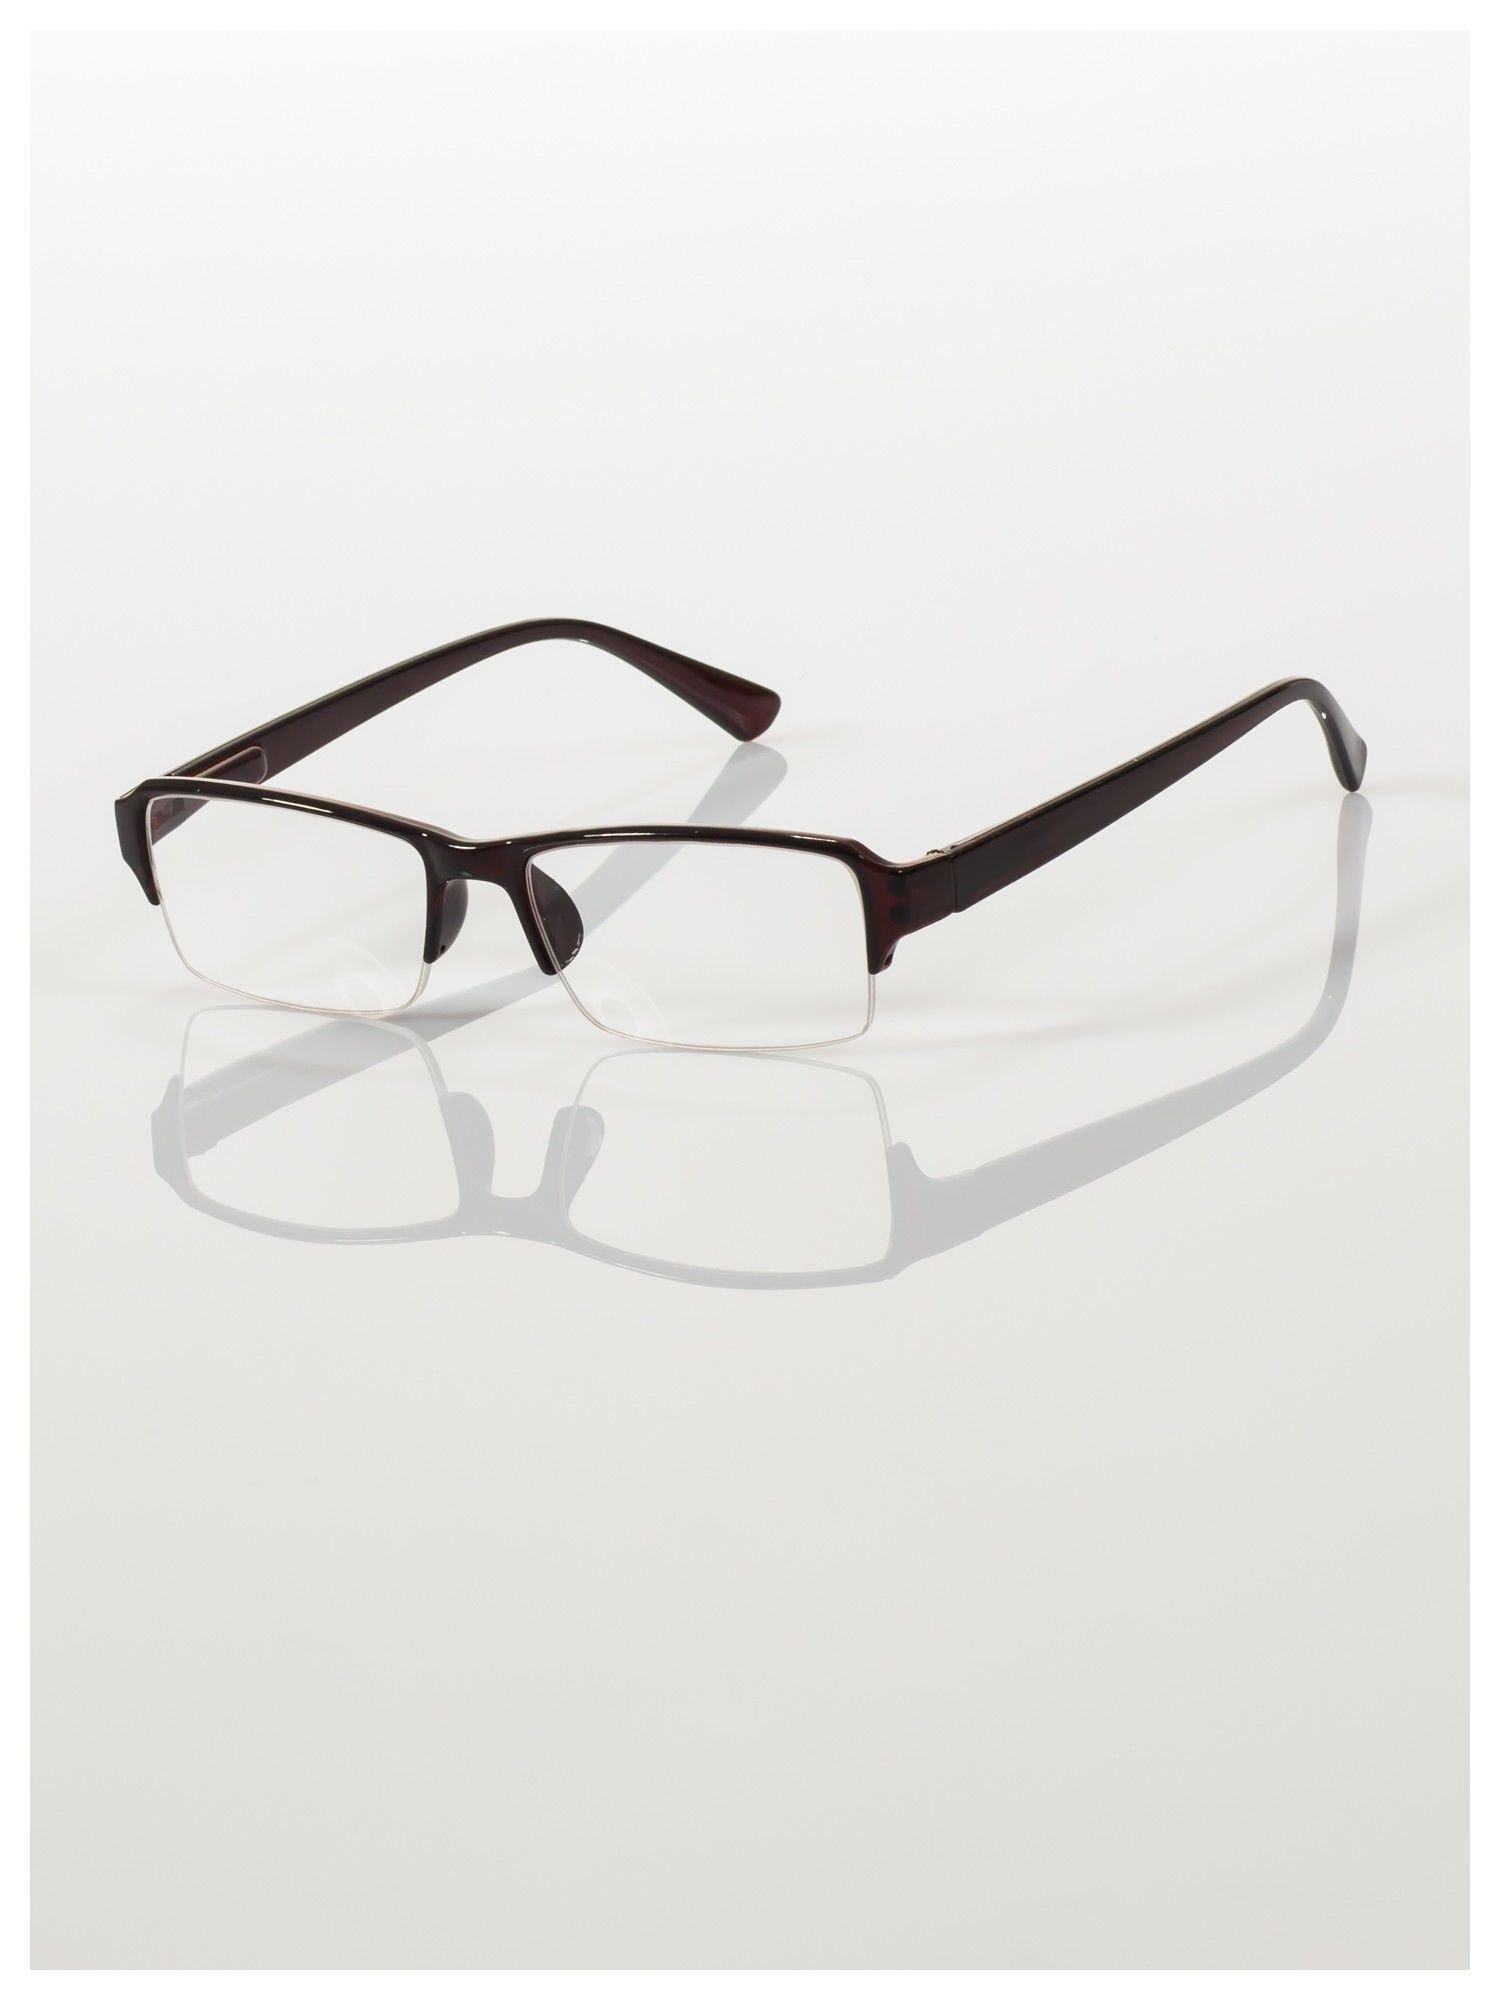 Okulary korekcyjne +1.5 D do czytania z systemem FLEX na zausznikach +GRATIS PLASTIKOWE ETUI I ŚCIERECZKA Z MIKROFIBRY                                  zdj.                                  4